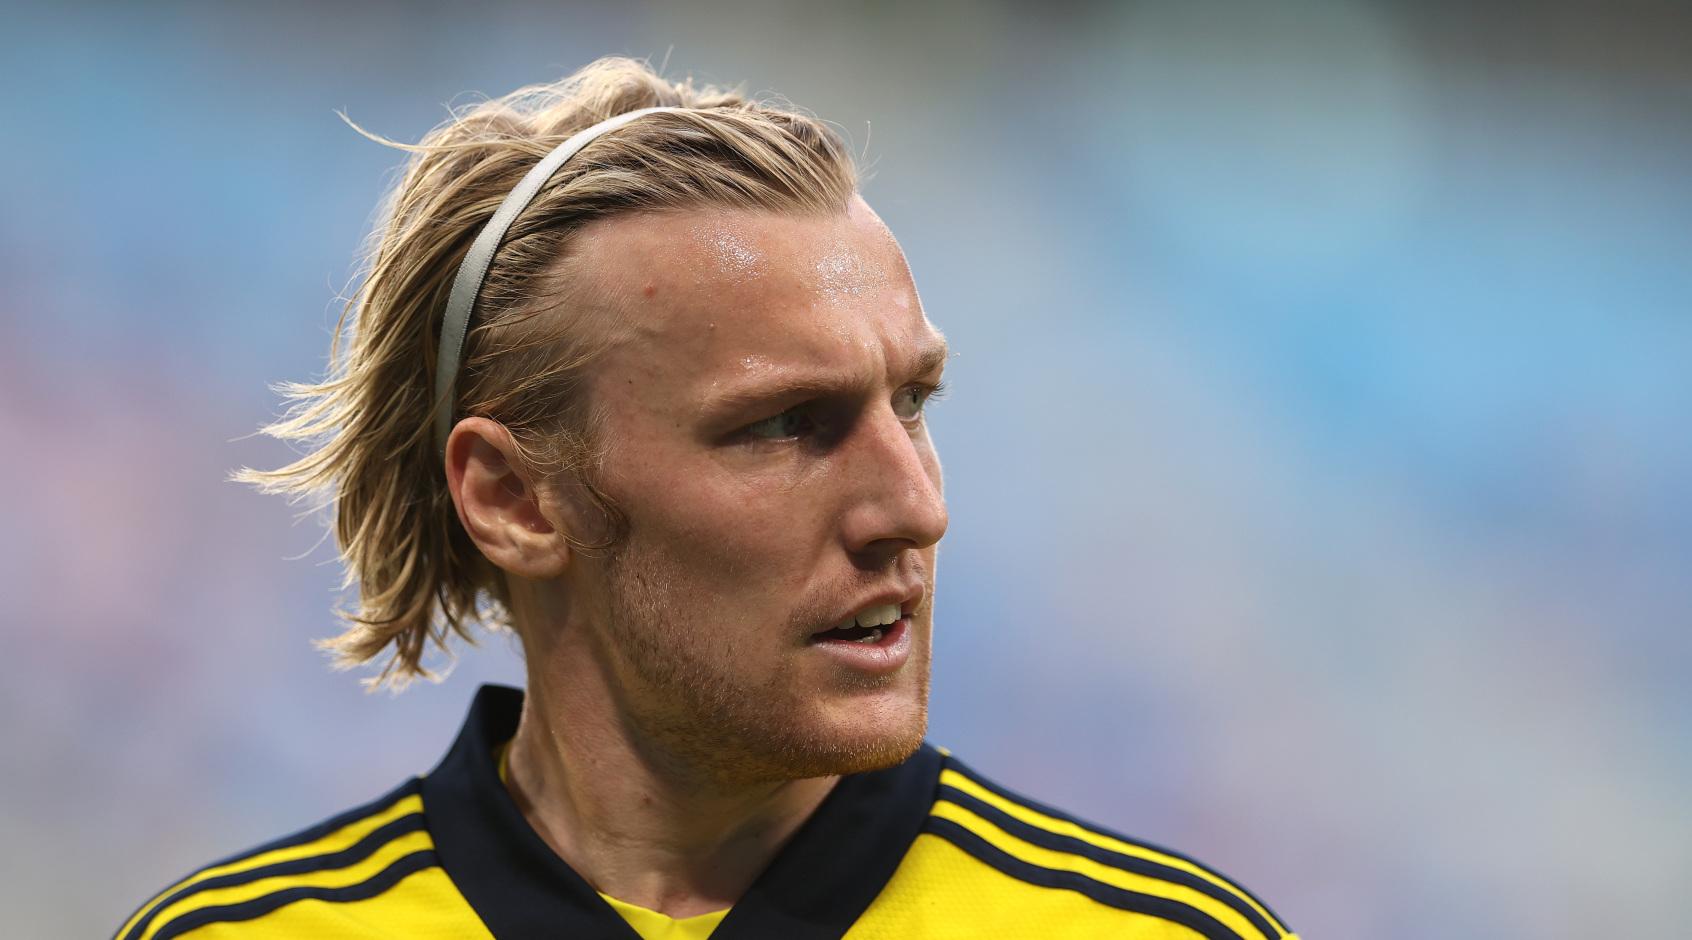 Швеция - Польша 2:0. Эмиль Форсберг оформил дубль (Видео)